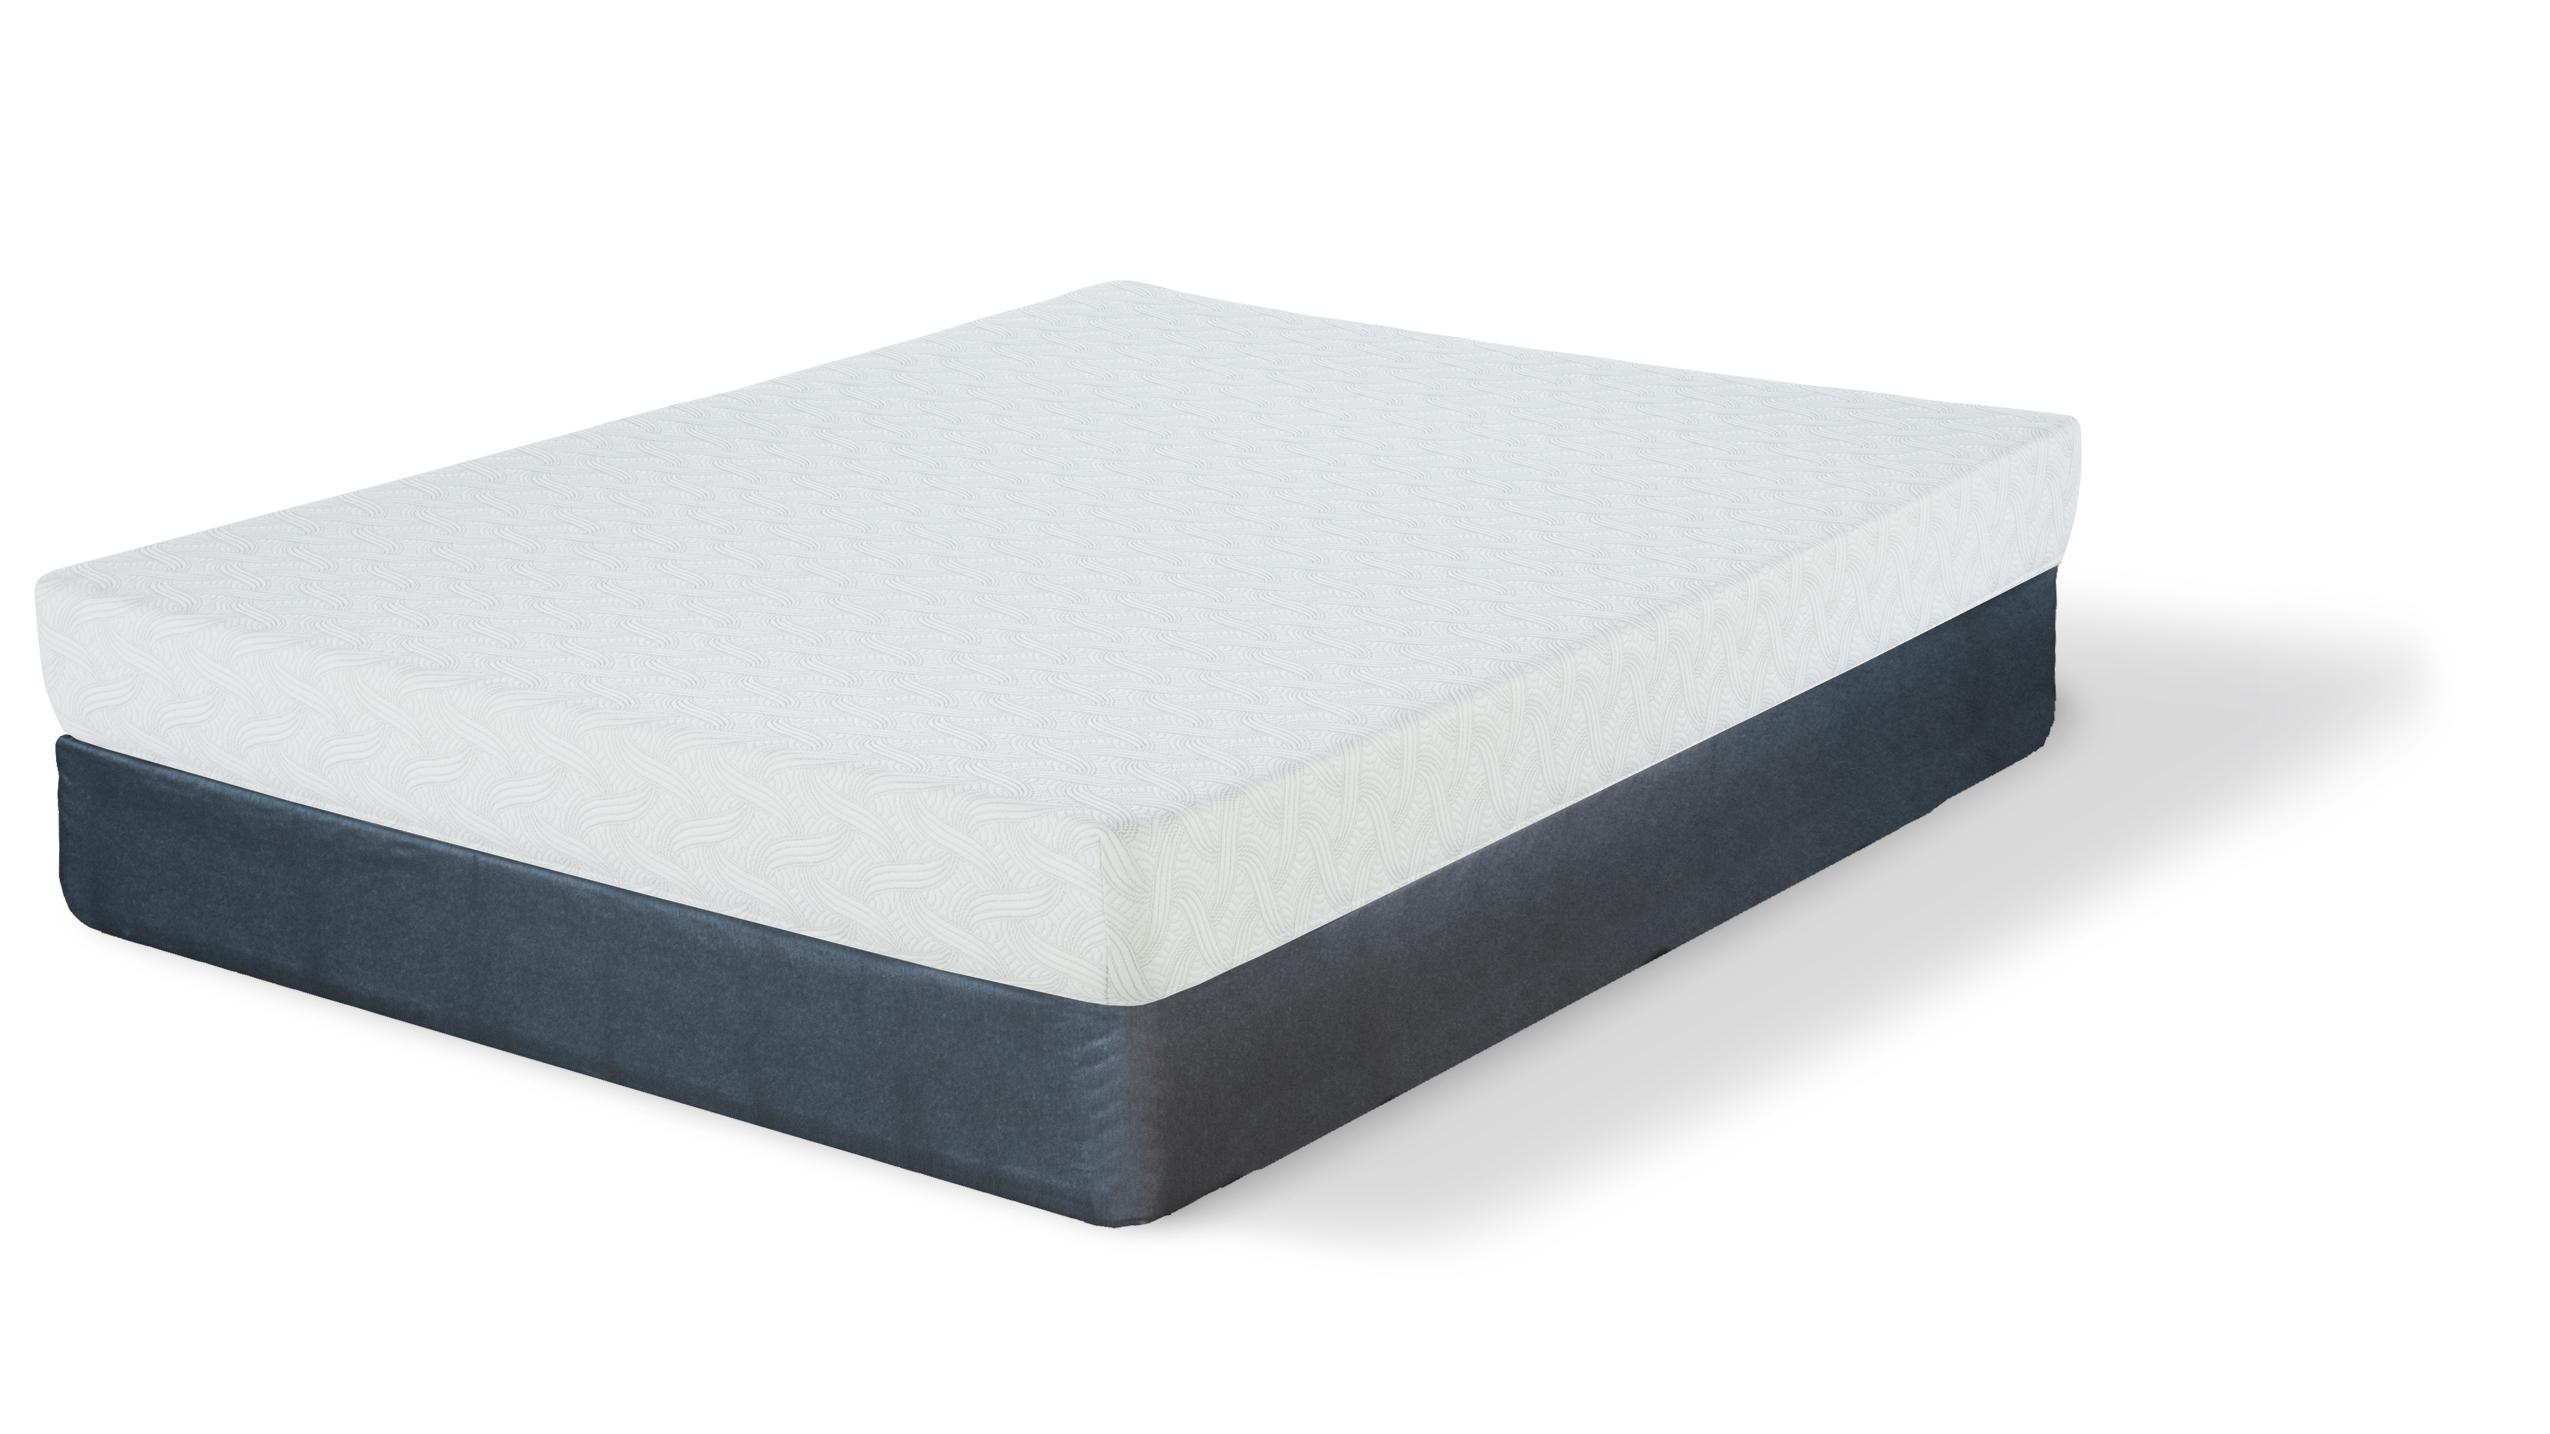 Serta mattress discount coupons